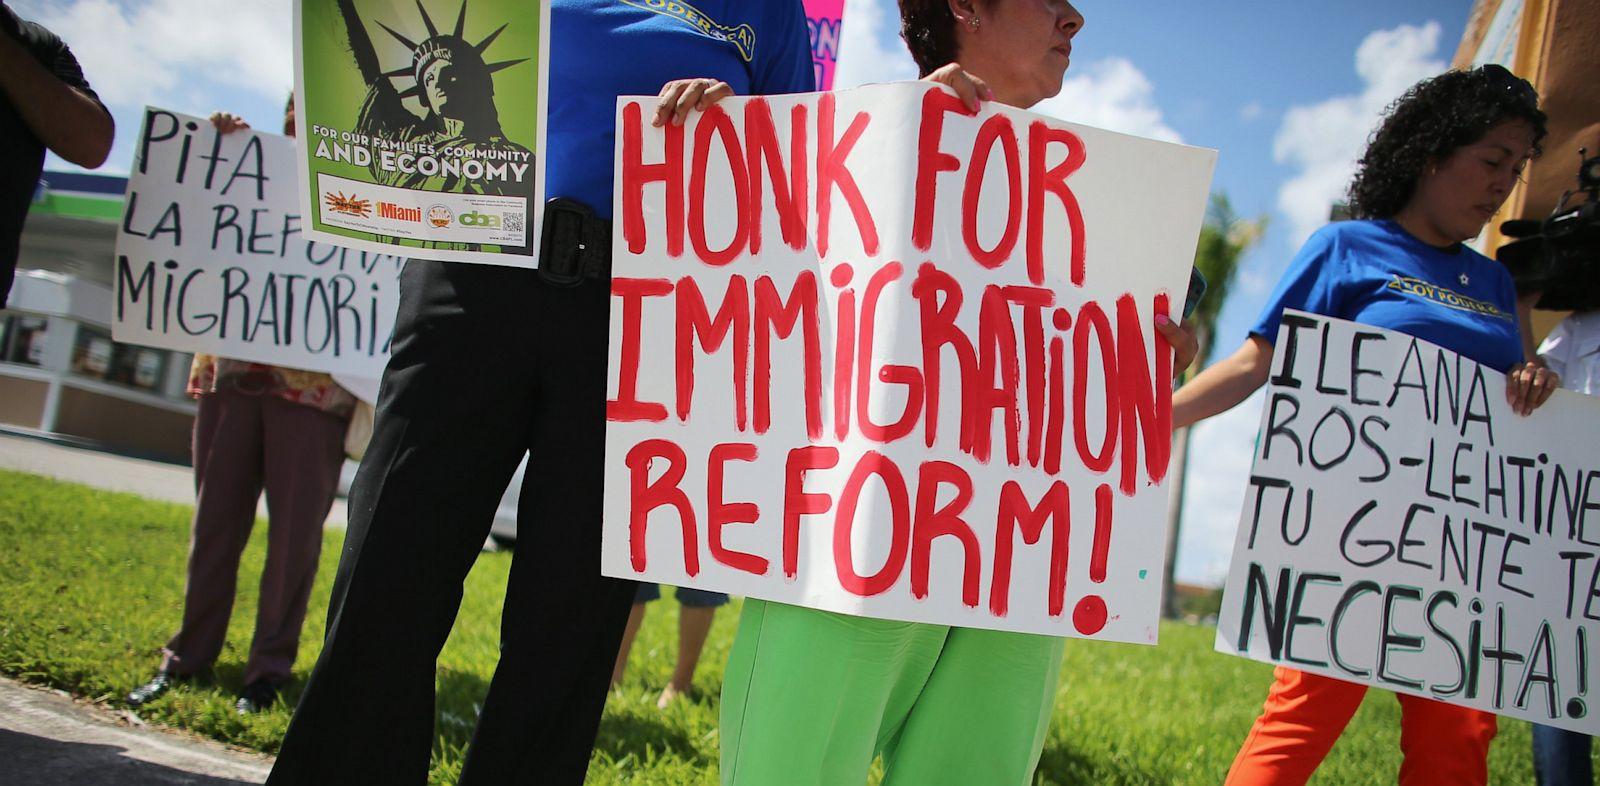 PHOTO: reform